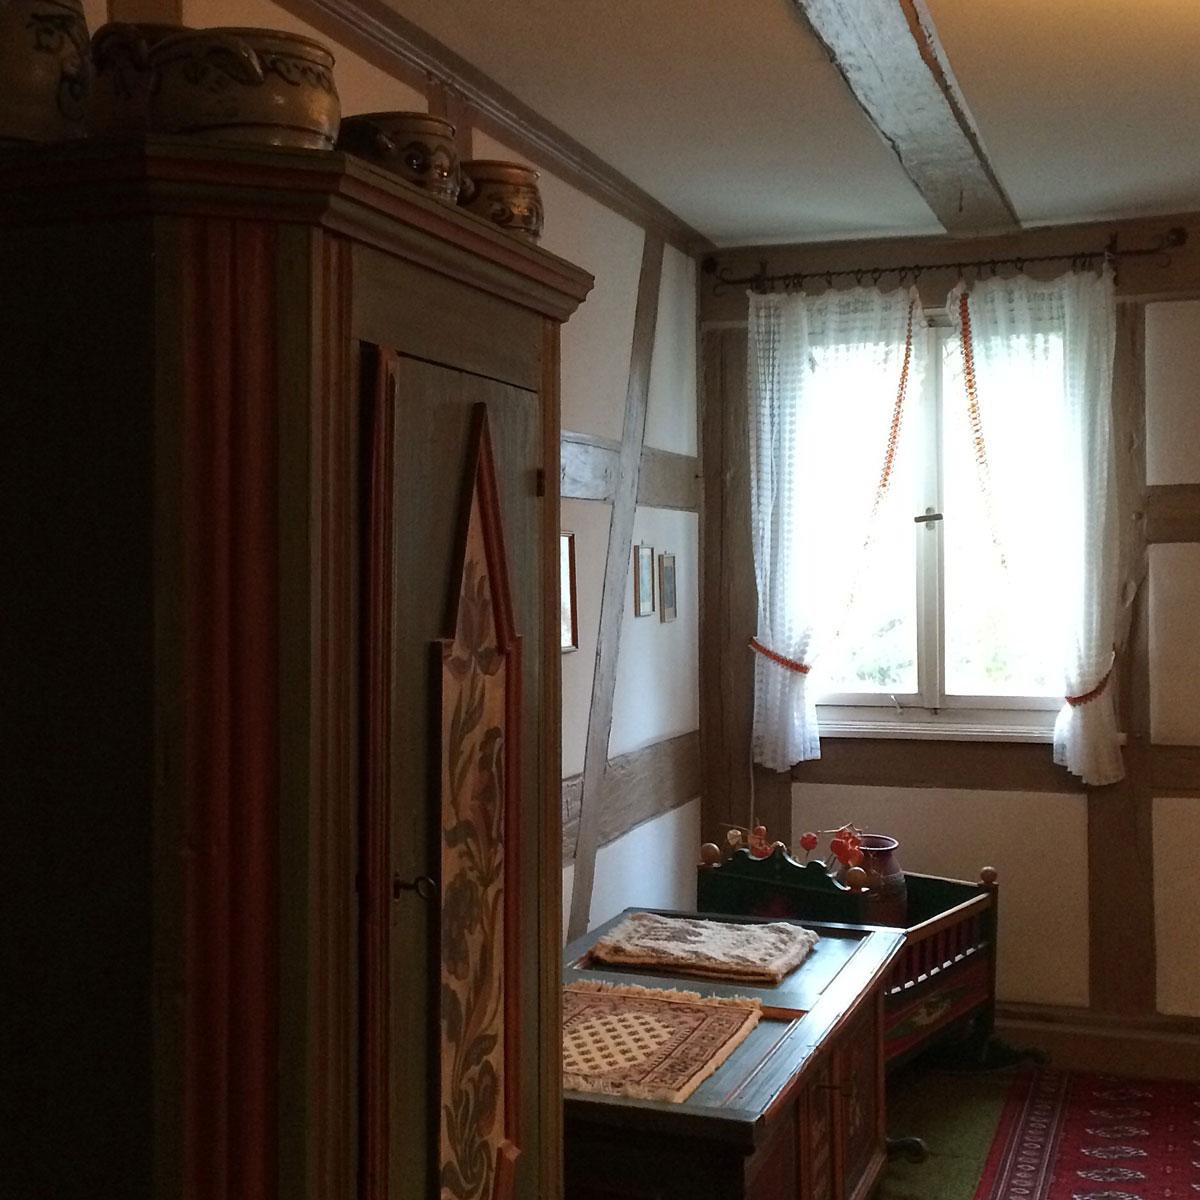 Гостиница в стиле фахверк